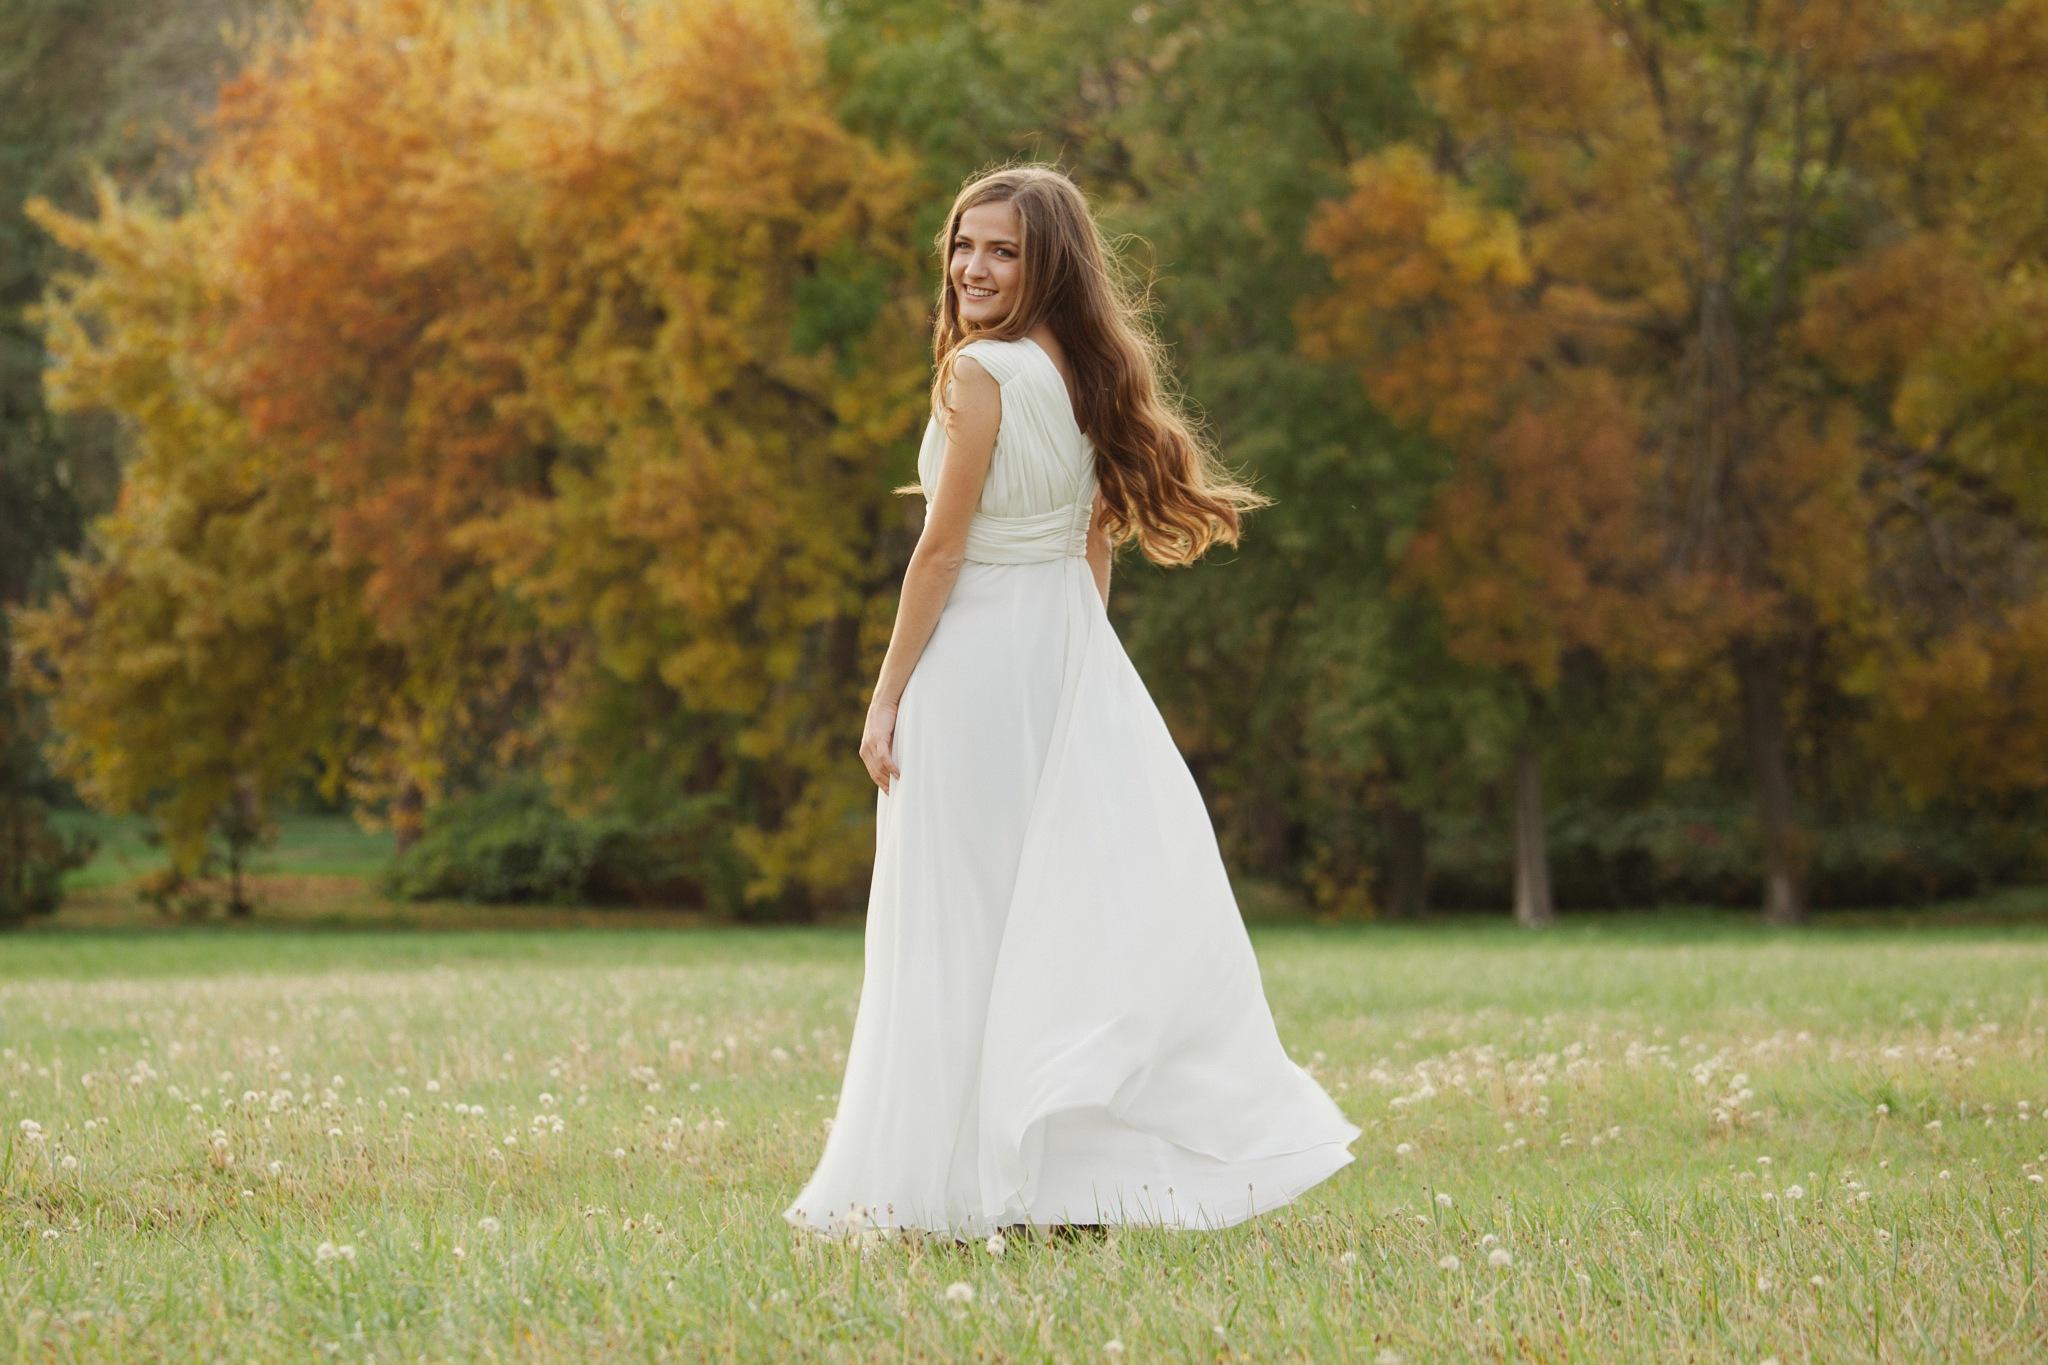 Wedding in forest by Alexey Vladimir